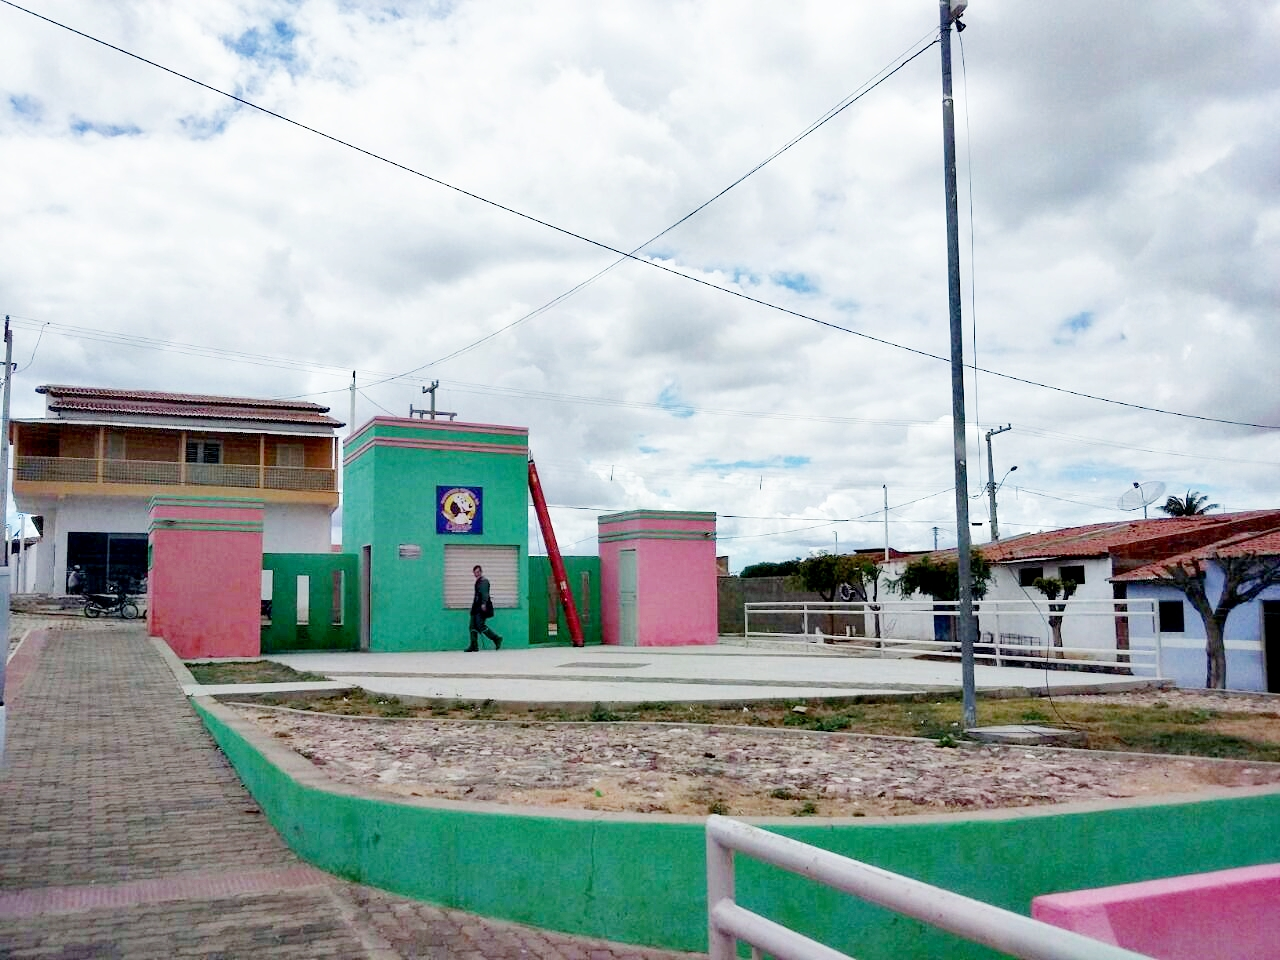 PREFEITURA MUNICIPAL DE CAMPO GRANDE IMPLANTA PONTOS DE INTERNET WI-FI PELA CIDADE